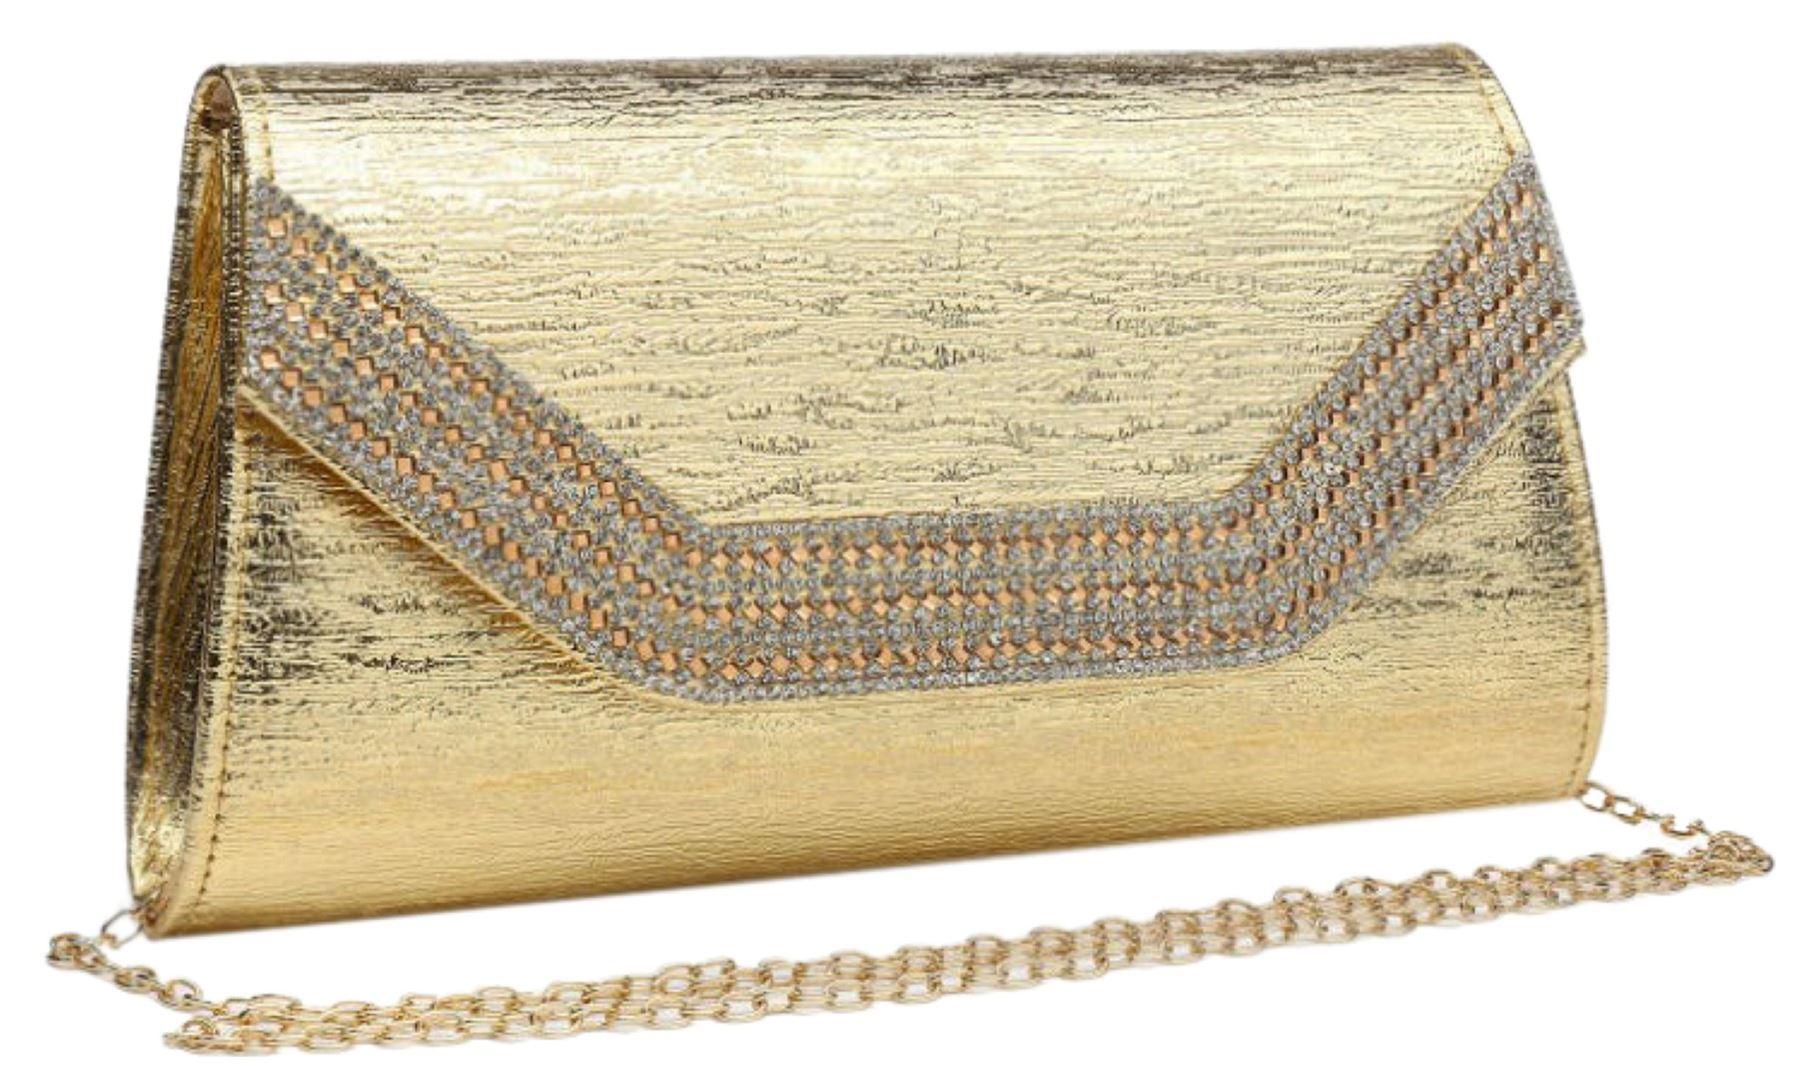 Preciosas Detalles De Mano Diamante Solapa Bolso Oro Rosa Elegante Estampado Piedras 3Aq5R4Lj